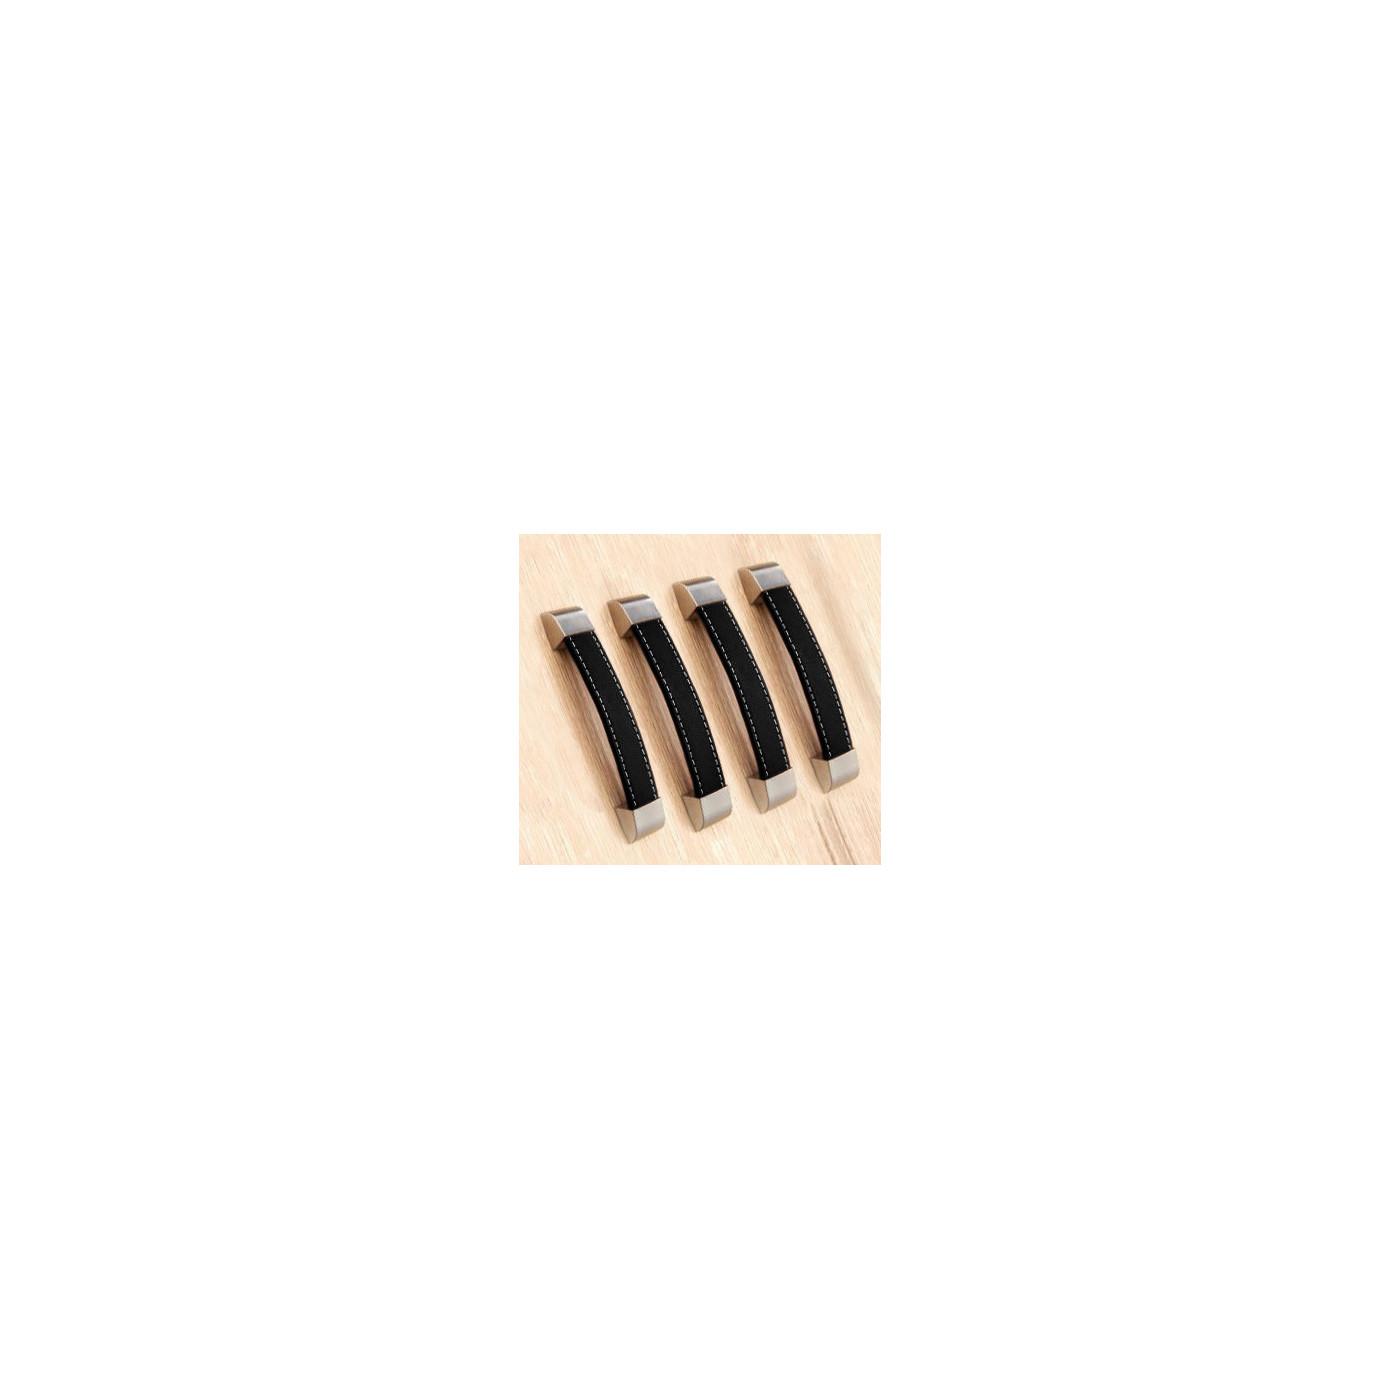 Set van 4 lederen handvaten (128 mm, zwart)  - 1